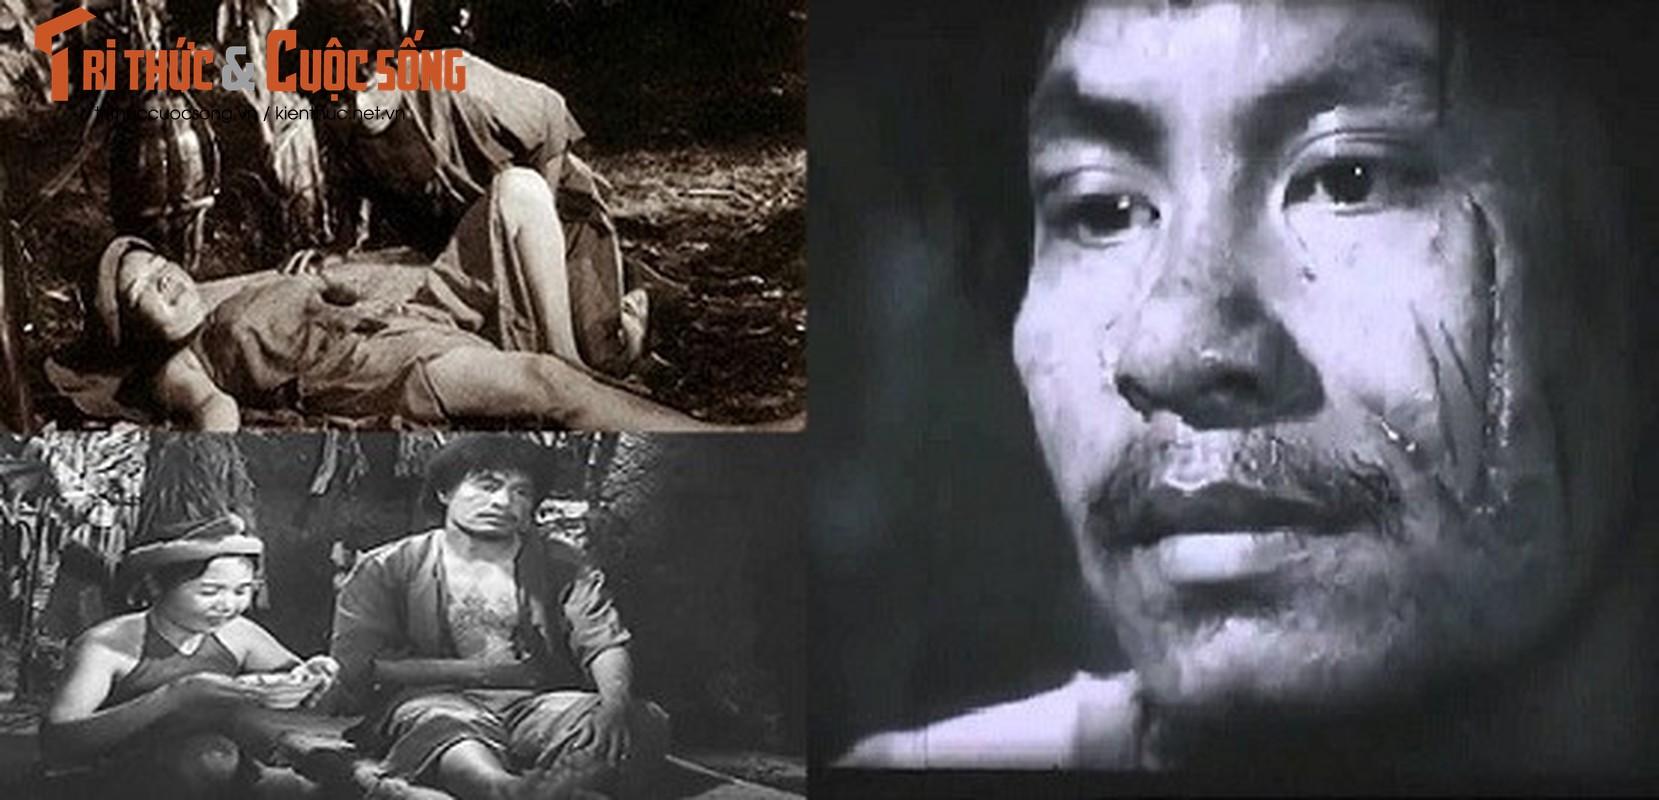 Nhung cap doi Chi Pheo - Thi No an tuong tren man anh Viet